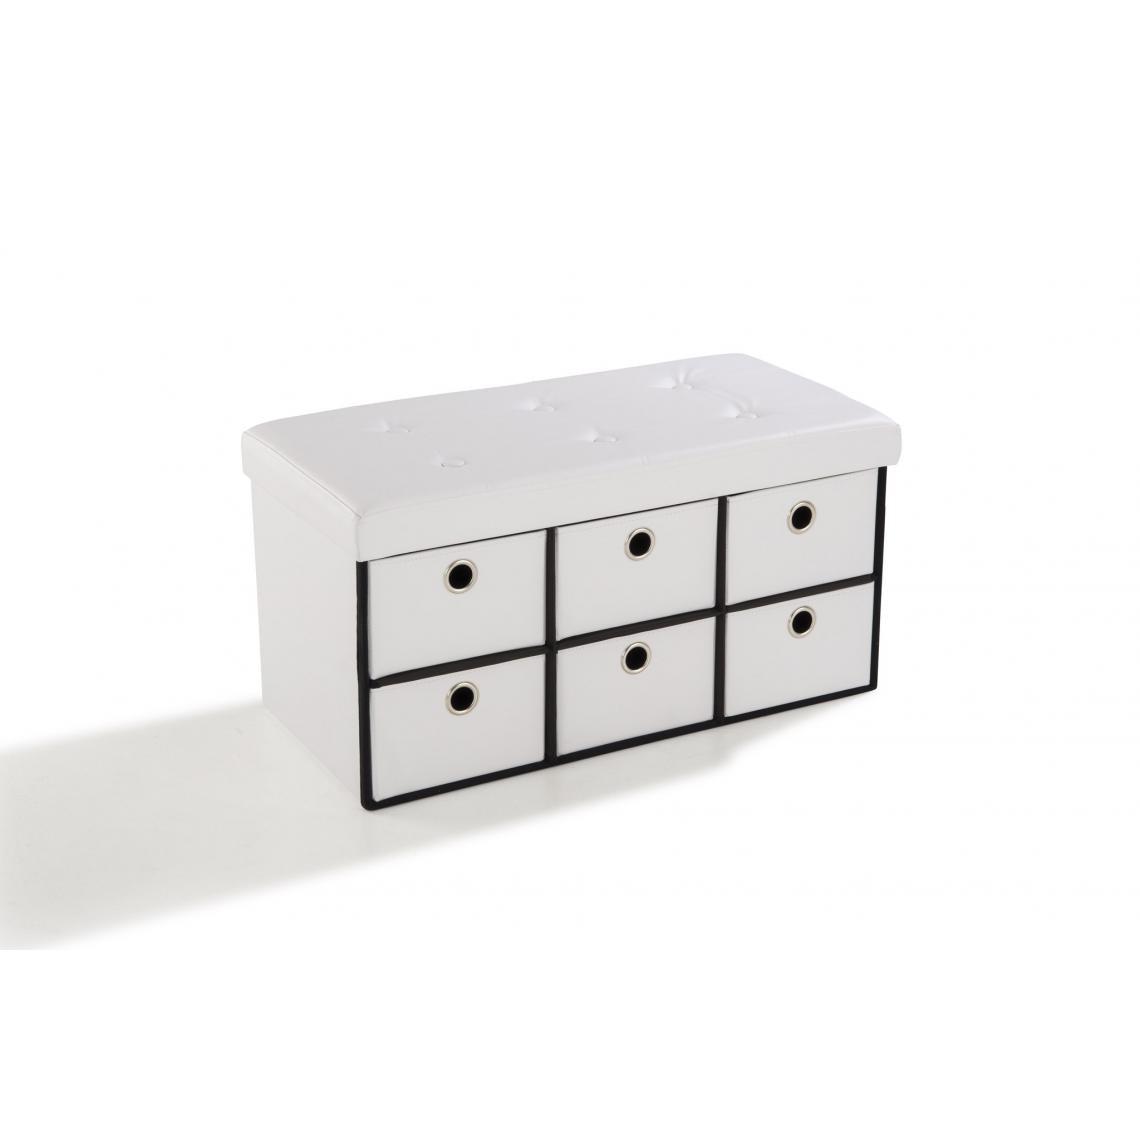 3S. x Home Banc de rangement Simili Cuir 6 tiroirs Blanc RANGO